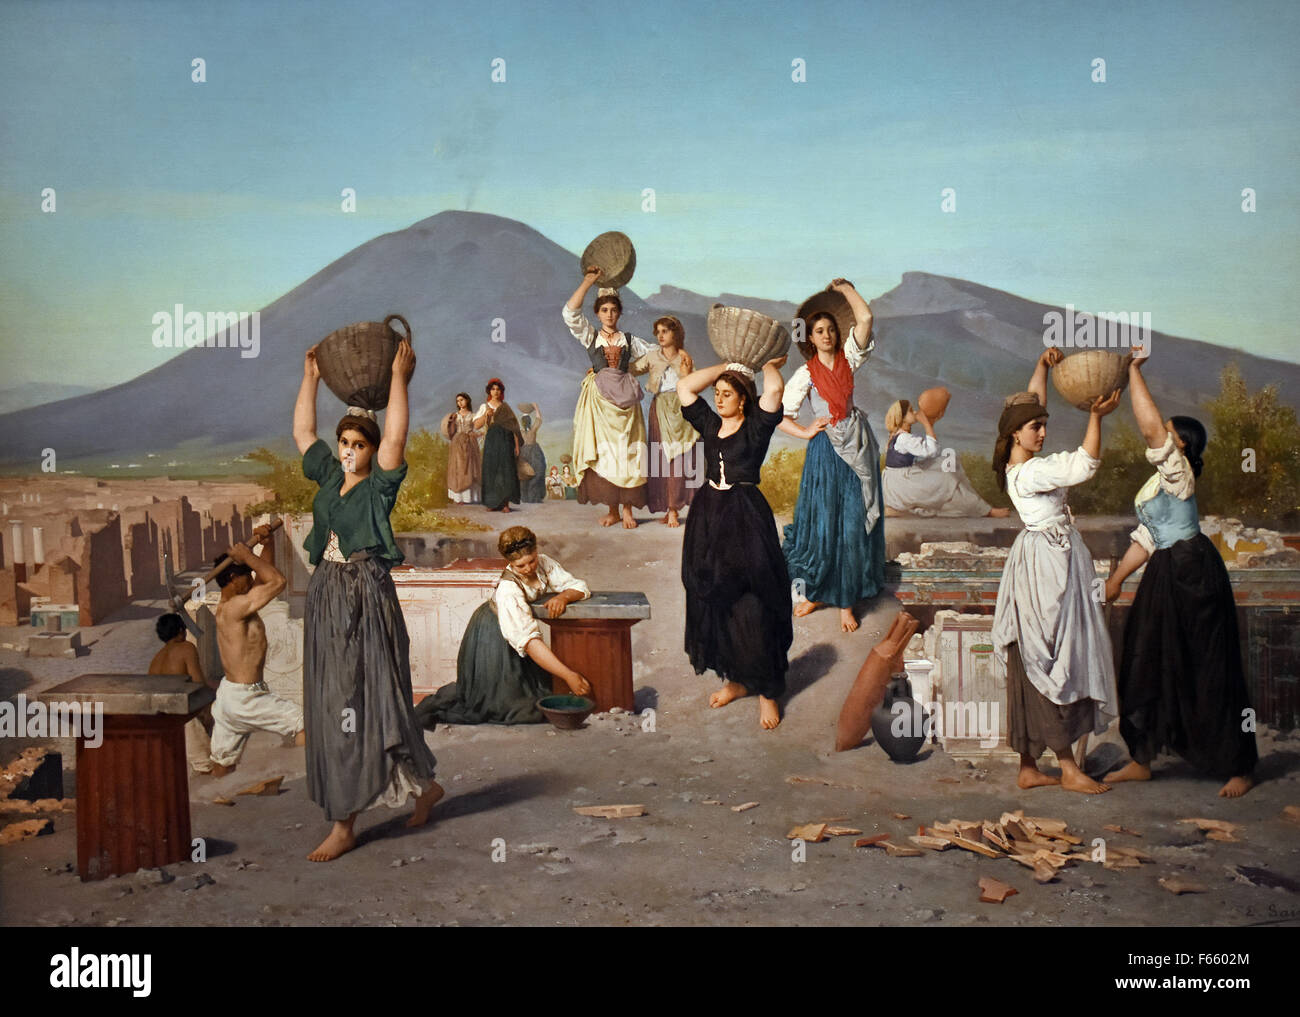 Fouilles à Pompéi - Excavations at Pompeii 1865 Edouard Sain 1830 -  1910 France French Stock Photo